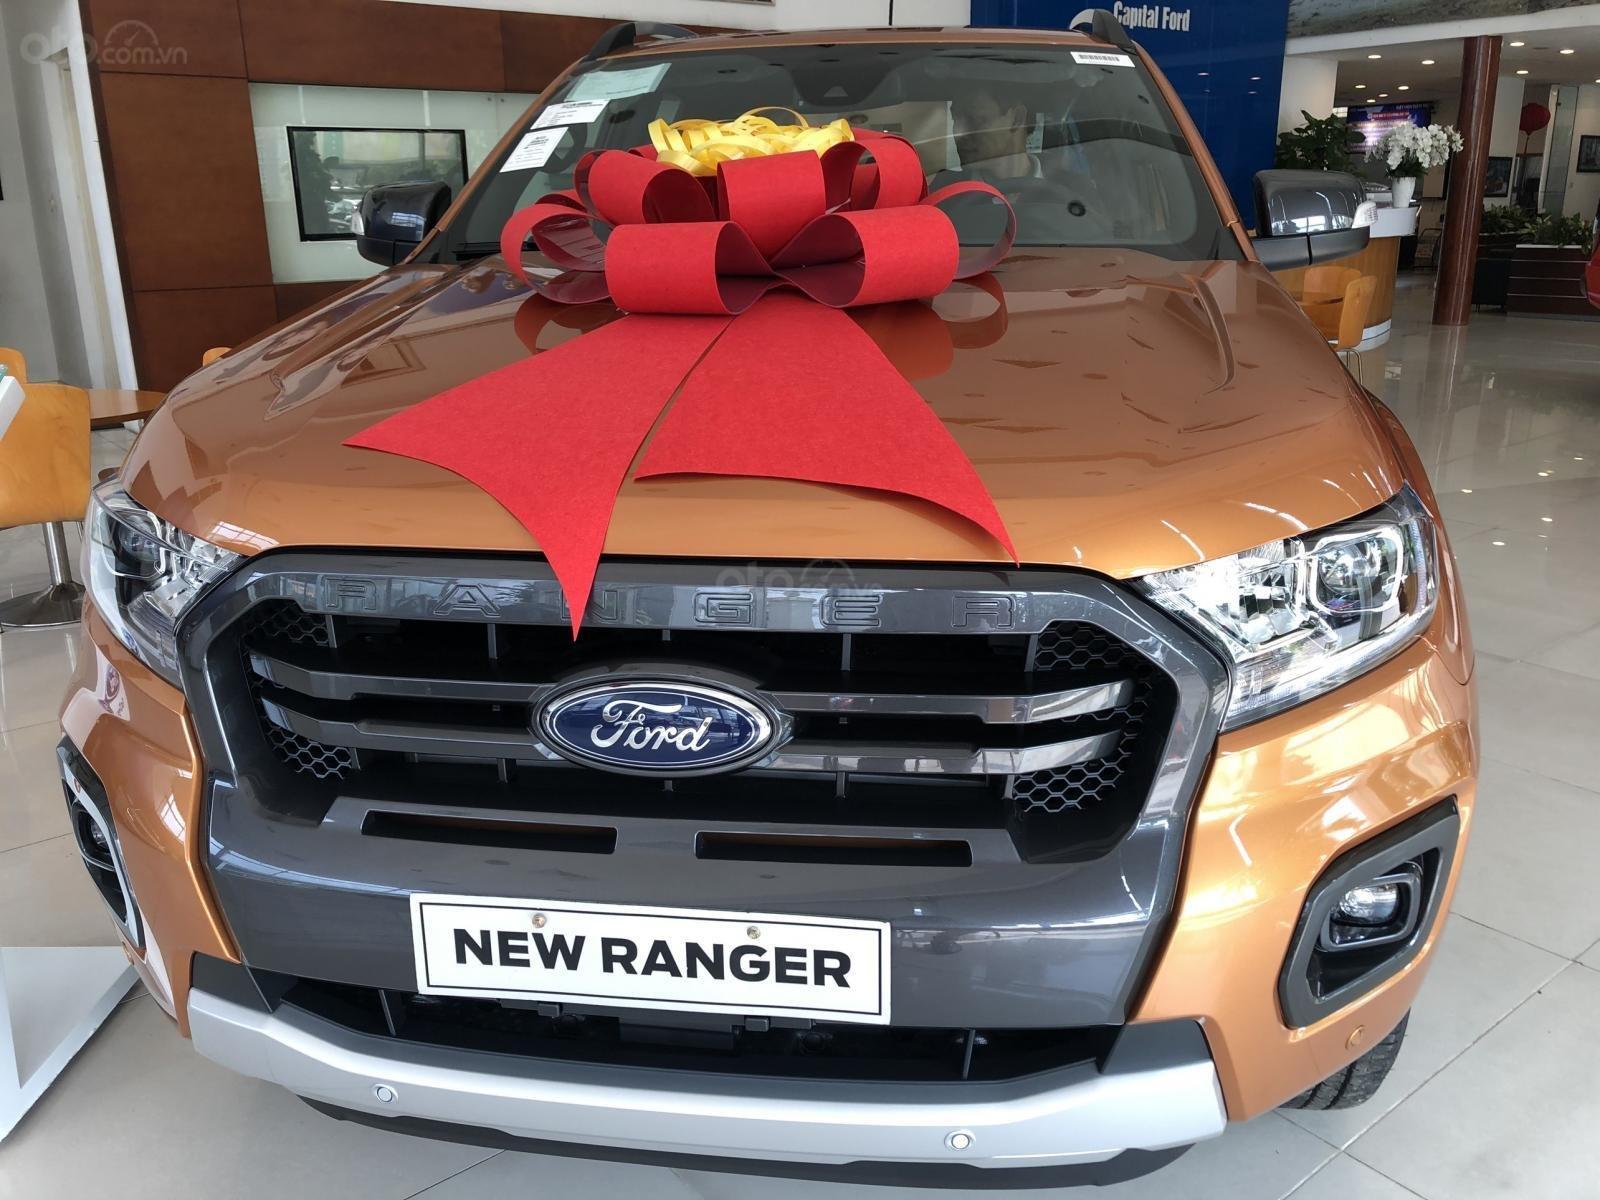 [Siêu ưu đãi] Ford Ranger Wildtrak 2020 Biturbo - khuyến mãi tháng ngâu giảm giá cực ngầu - trả trước 160 triệu lấy xe ngay (3)